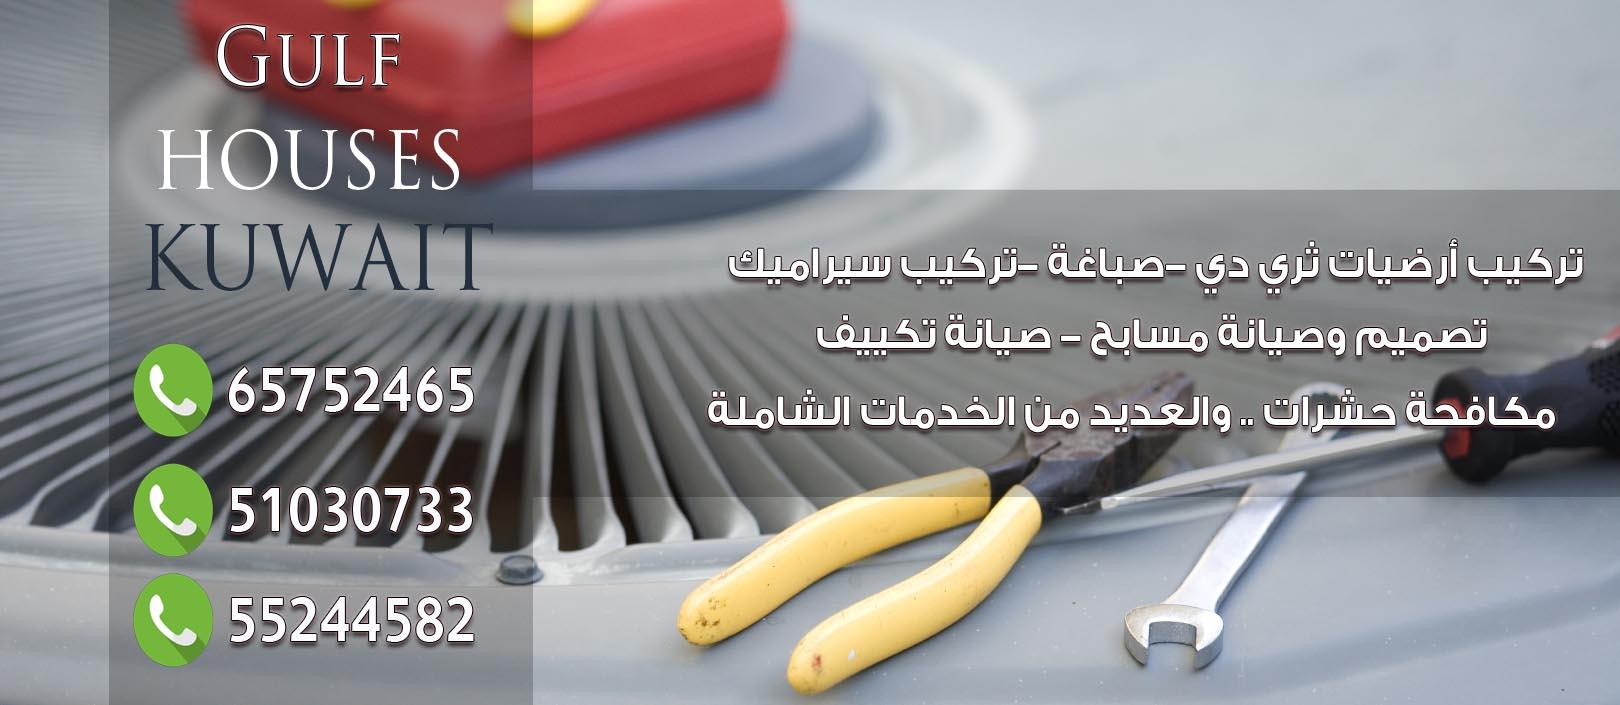 الكويت- 69025759 – 50313925 – 56613236